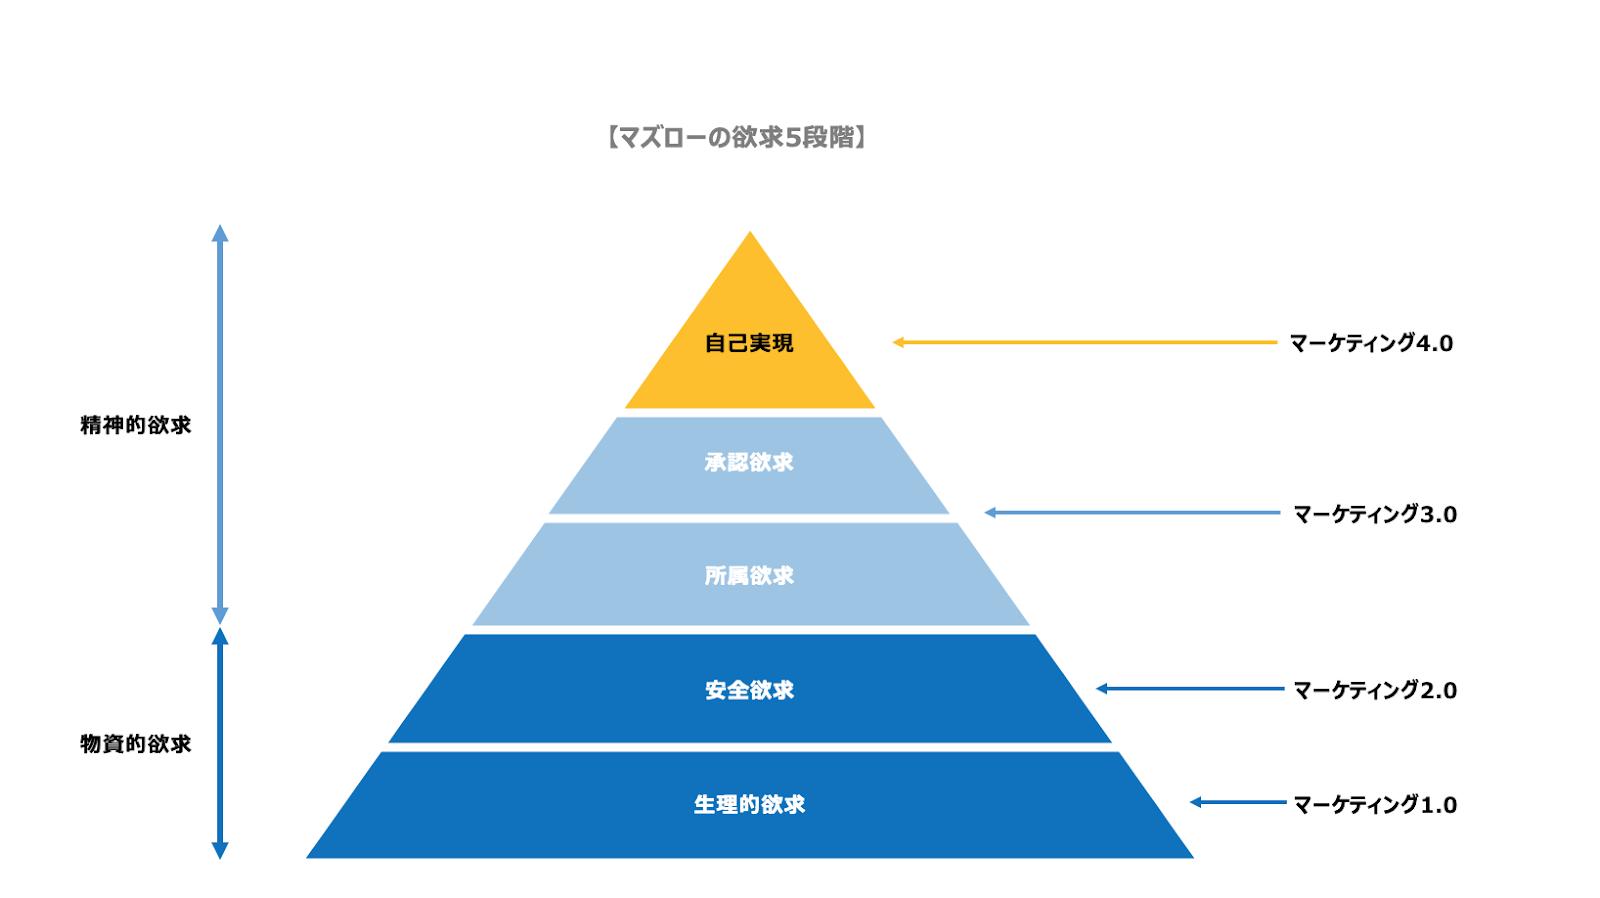 マズローの欲求5段階説とマーケティング